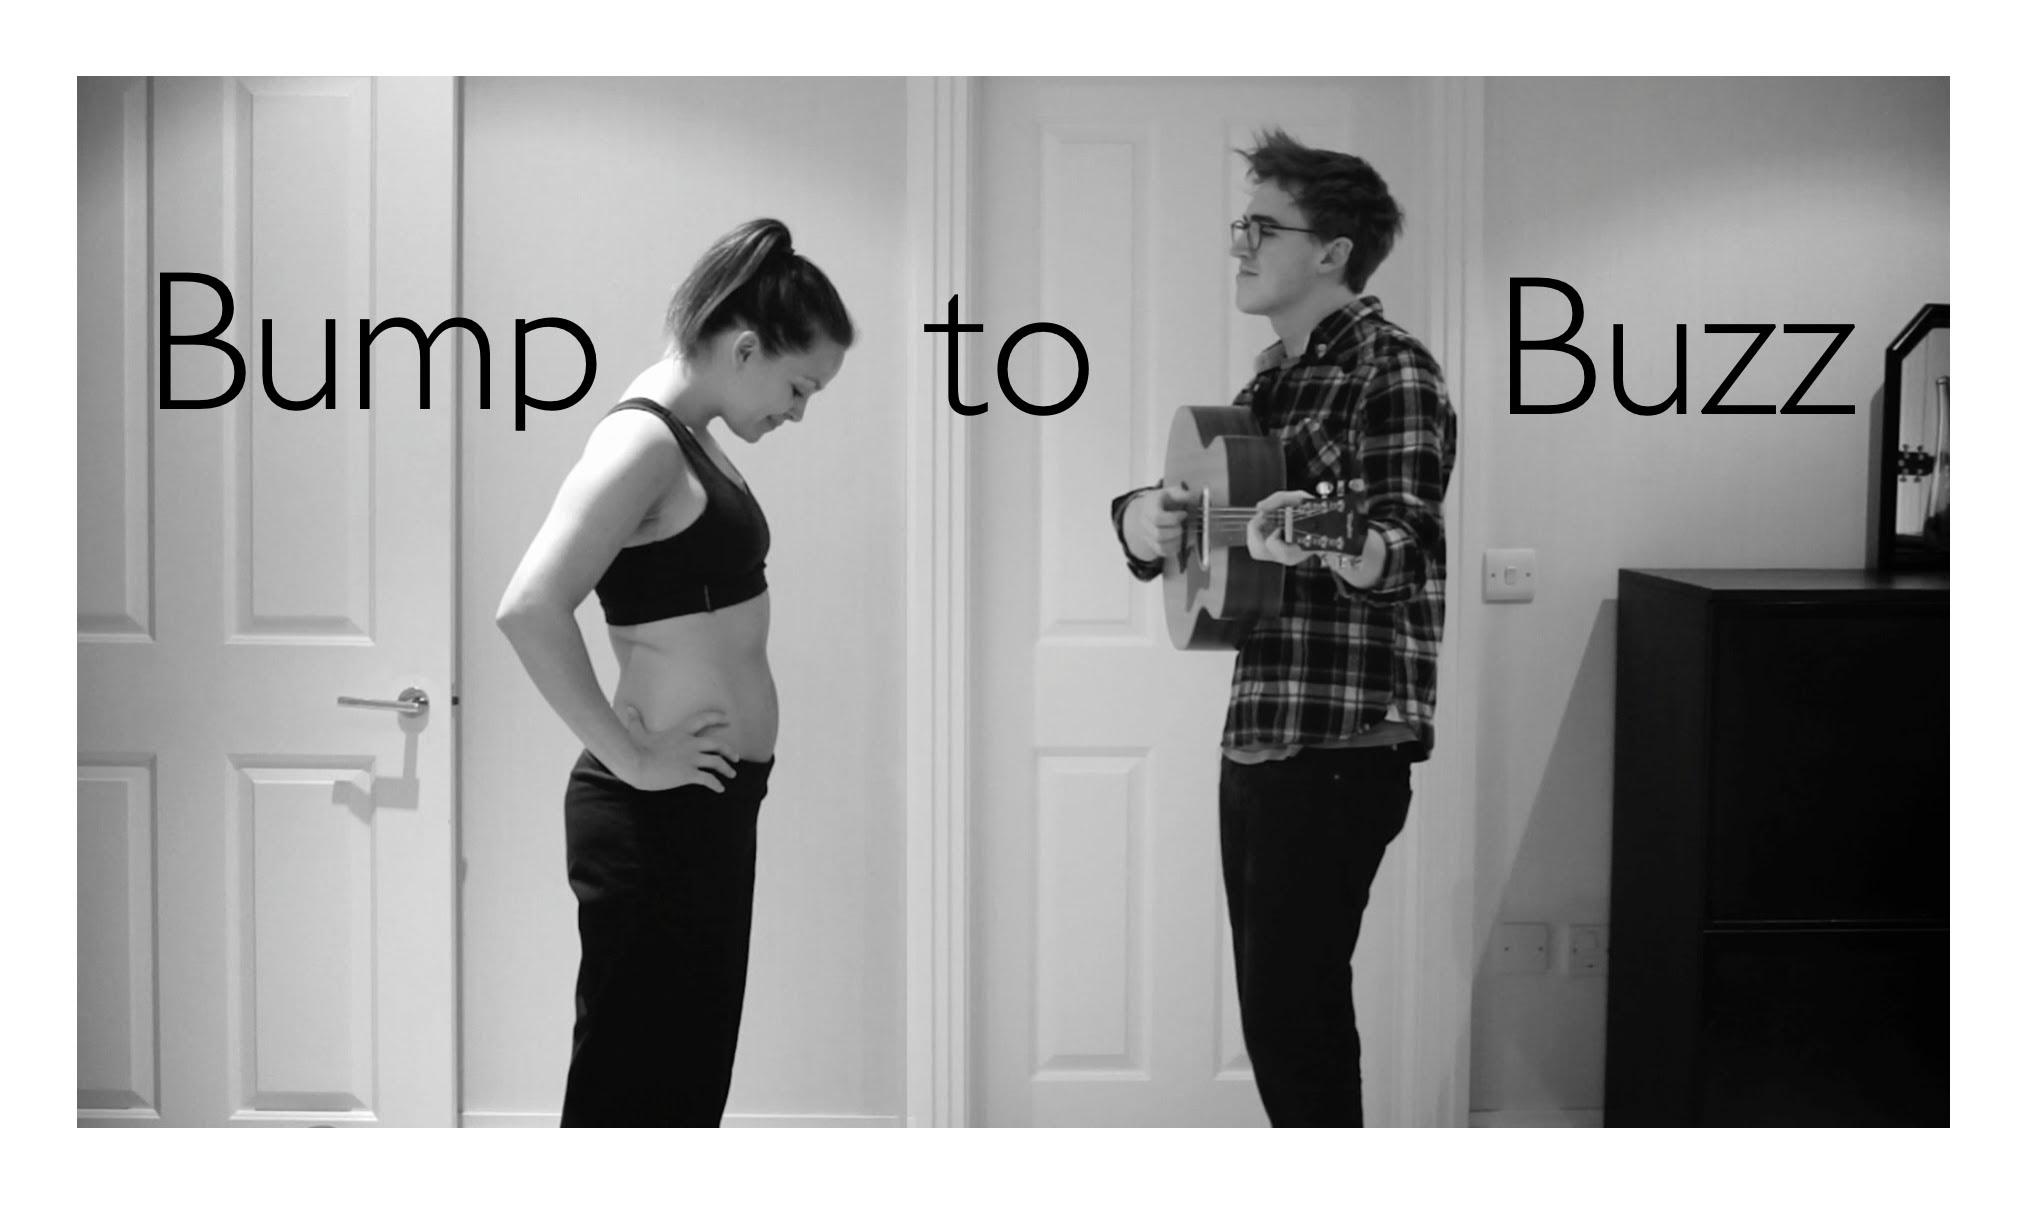 「迎接我的小寶貝」- From Bump to Buzz